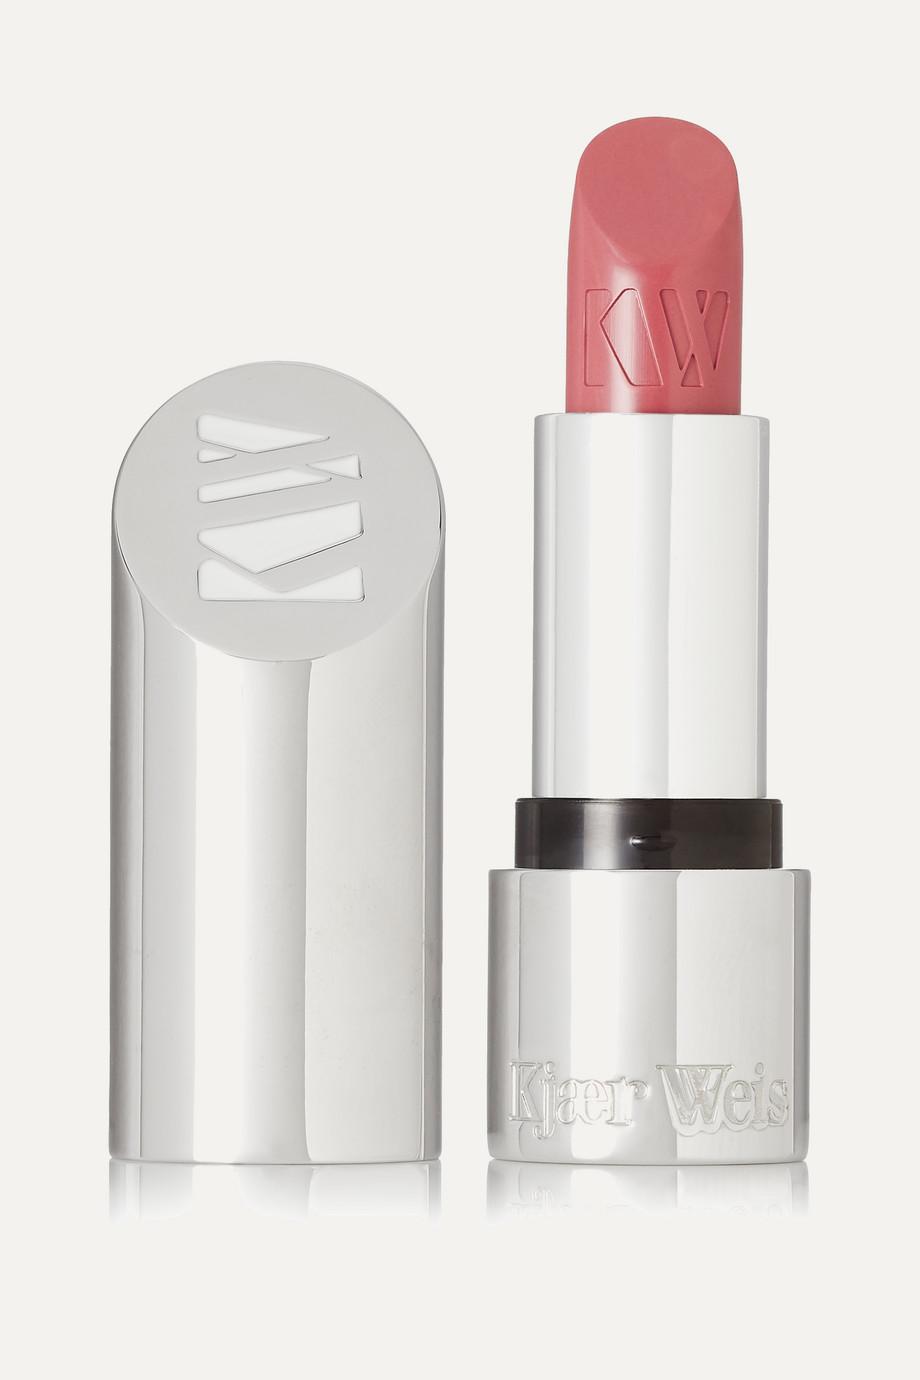 Kjaer Weis Lipstick - Believe